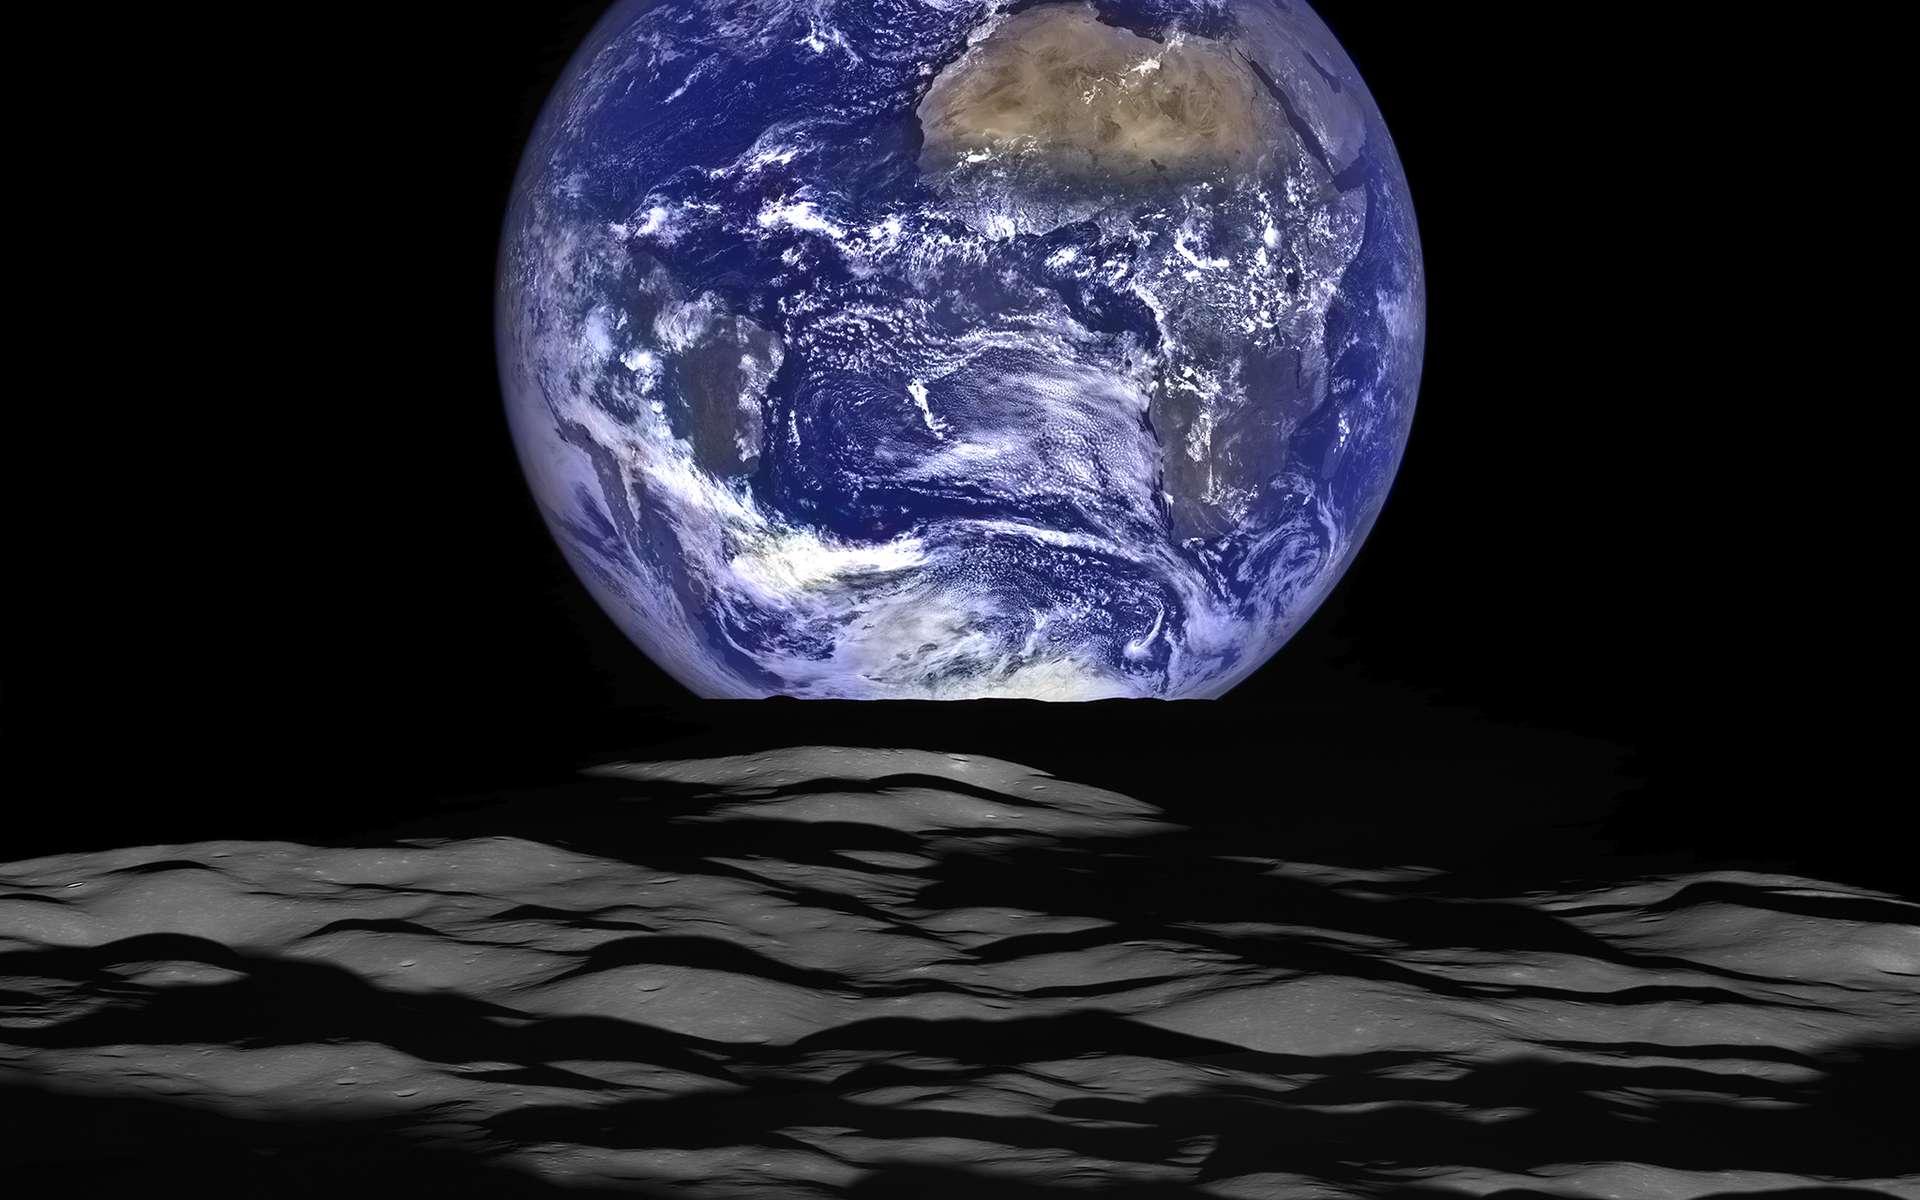 Lever de Terre au-dessus du cratère Compton (162 km de diamètre), proche du limbe est de la Lune. Image composite prise le 12 octobre 2015 et créée à partir de séries réalisées en noir et blanc en très haute résolution avec NAC (Narrow Angle Camera) et en couleurs avec WAC (Wide Angle Camera) de la sonde LRO. © Nasa, Goddard, Arizona State University